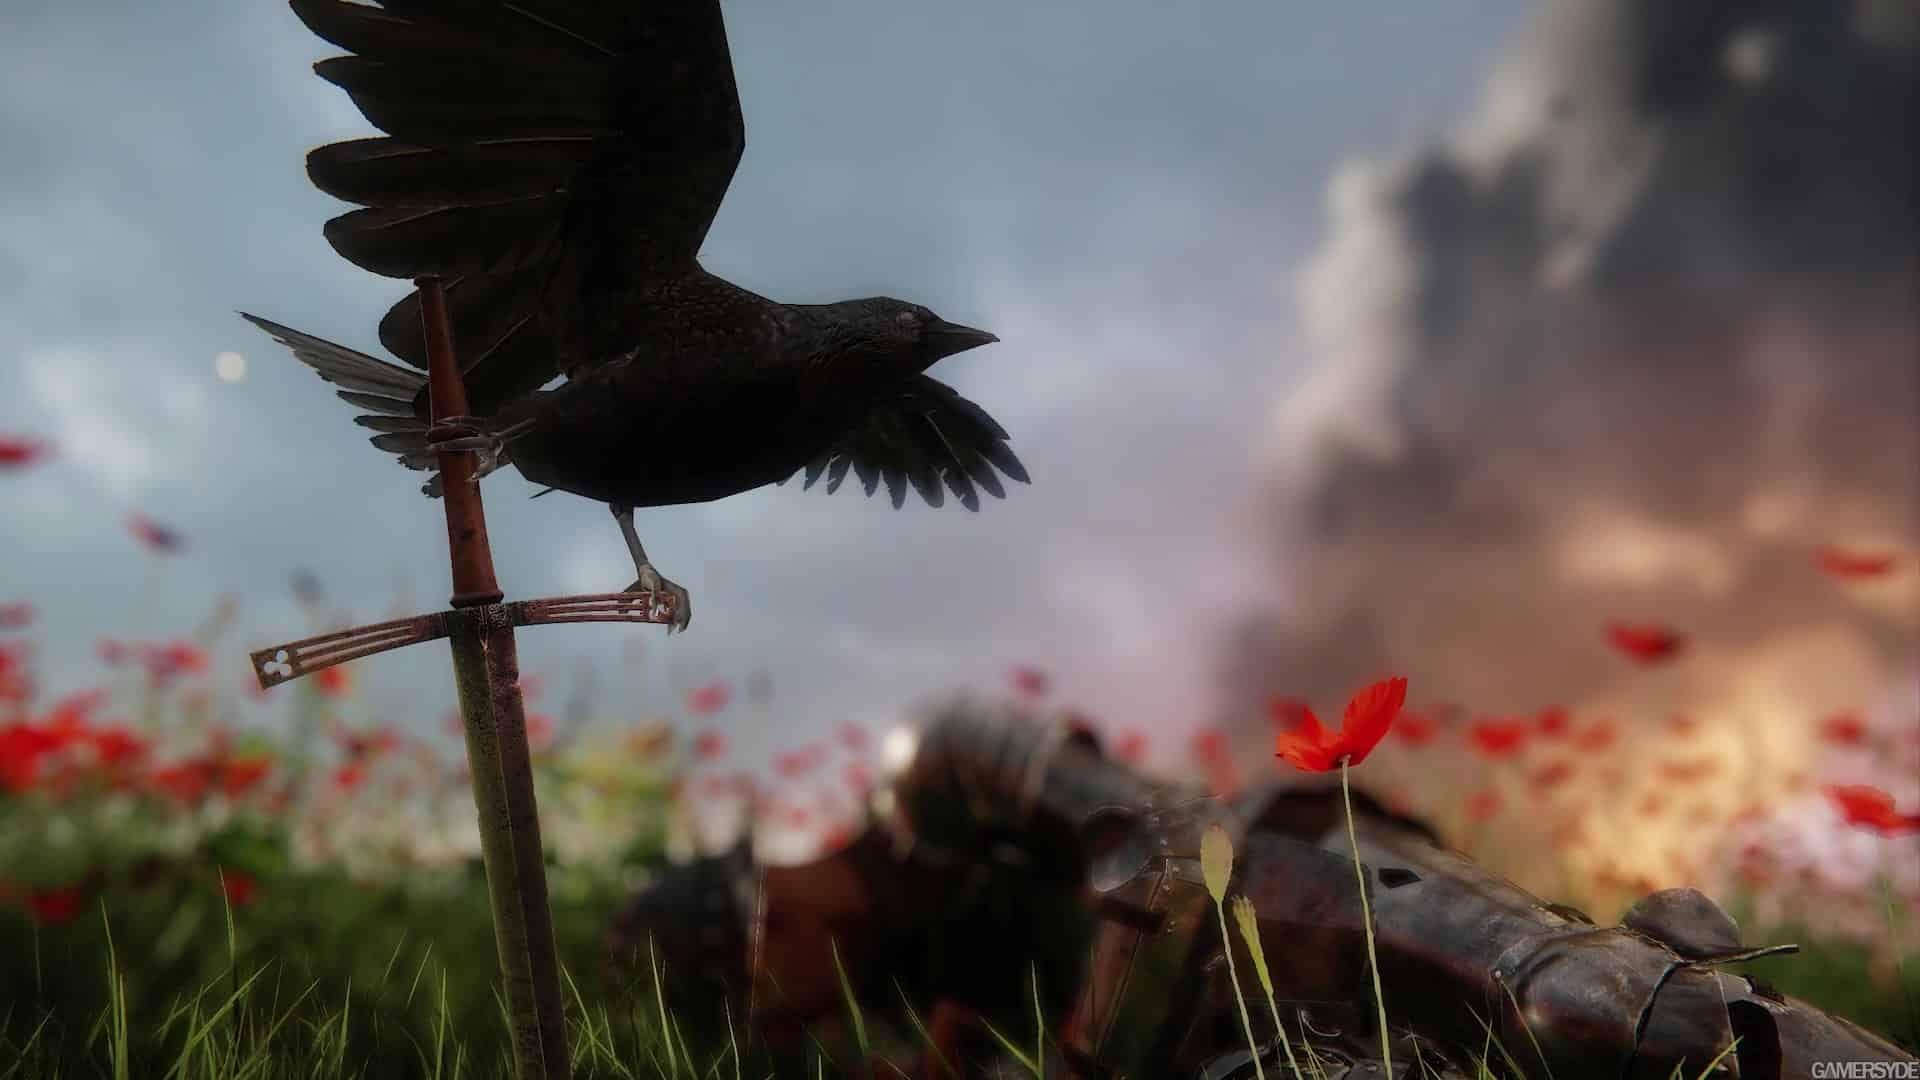 pc gaming.it kingdom come deliverance 11 - Driver Radeon Software Adrenalin 18.2.2 per Kingdom Come: Deliverance